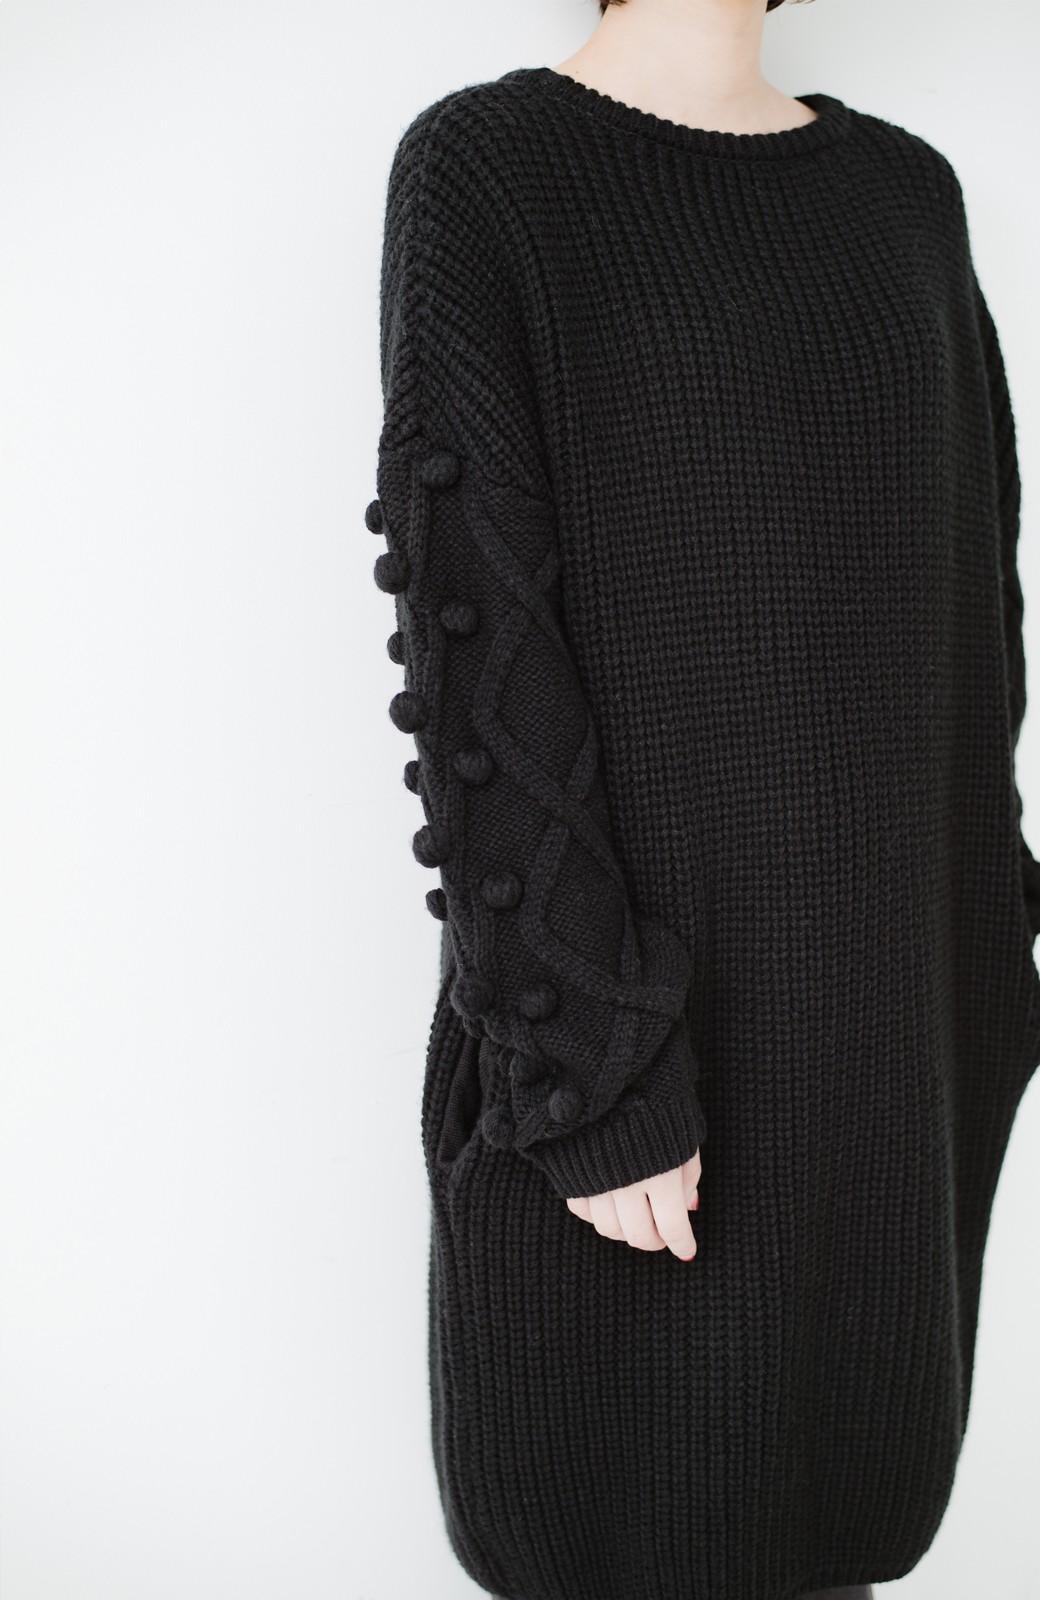 nusy パプコーン編みがかわいい おしゃれニットワンピ <ブラック>の商品写真3